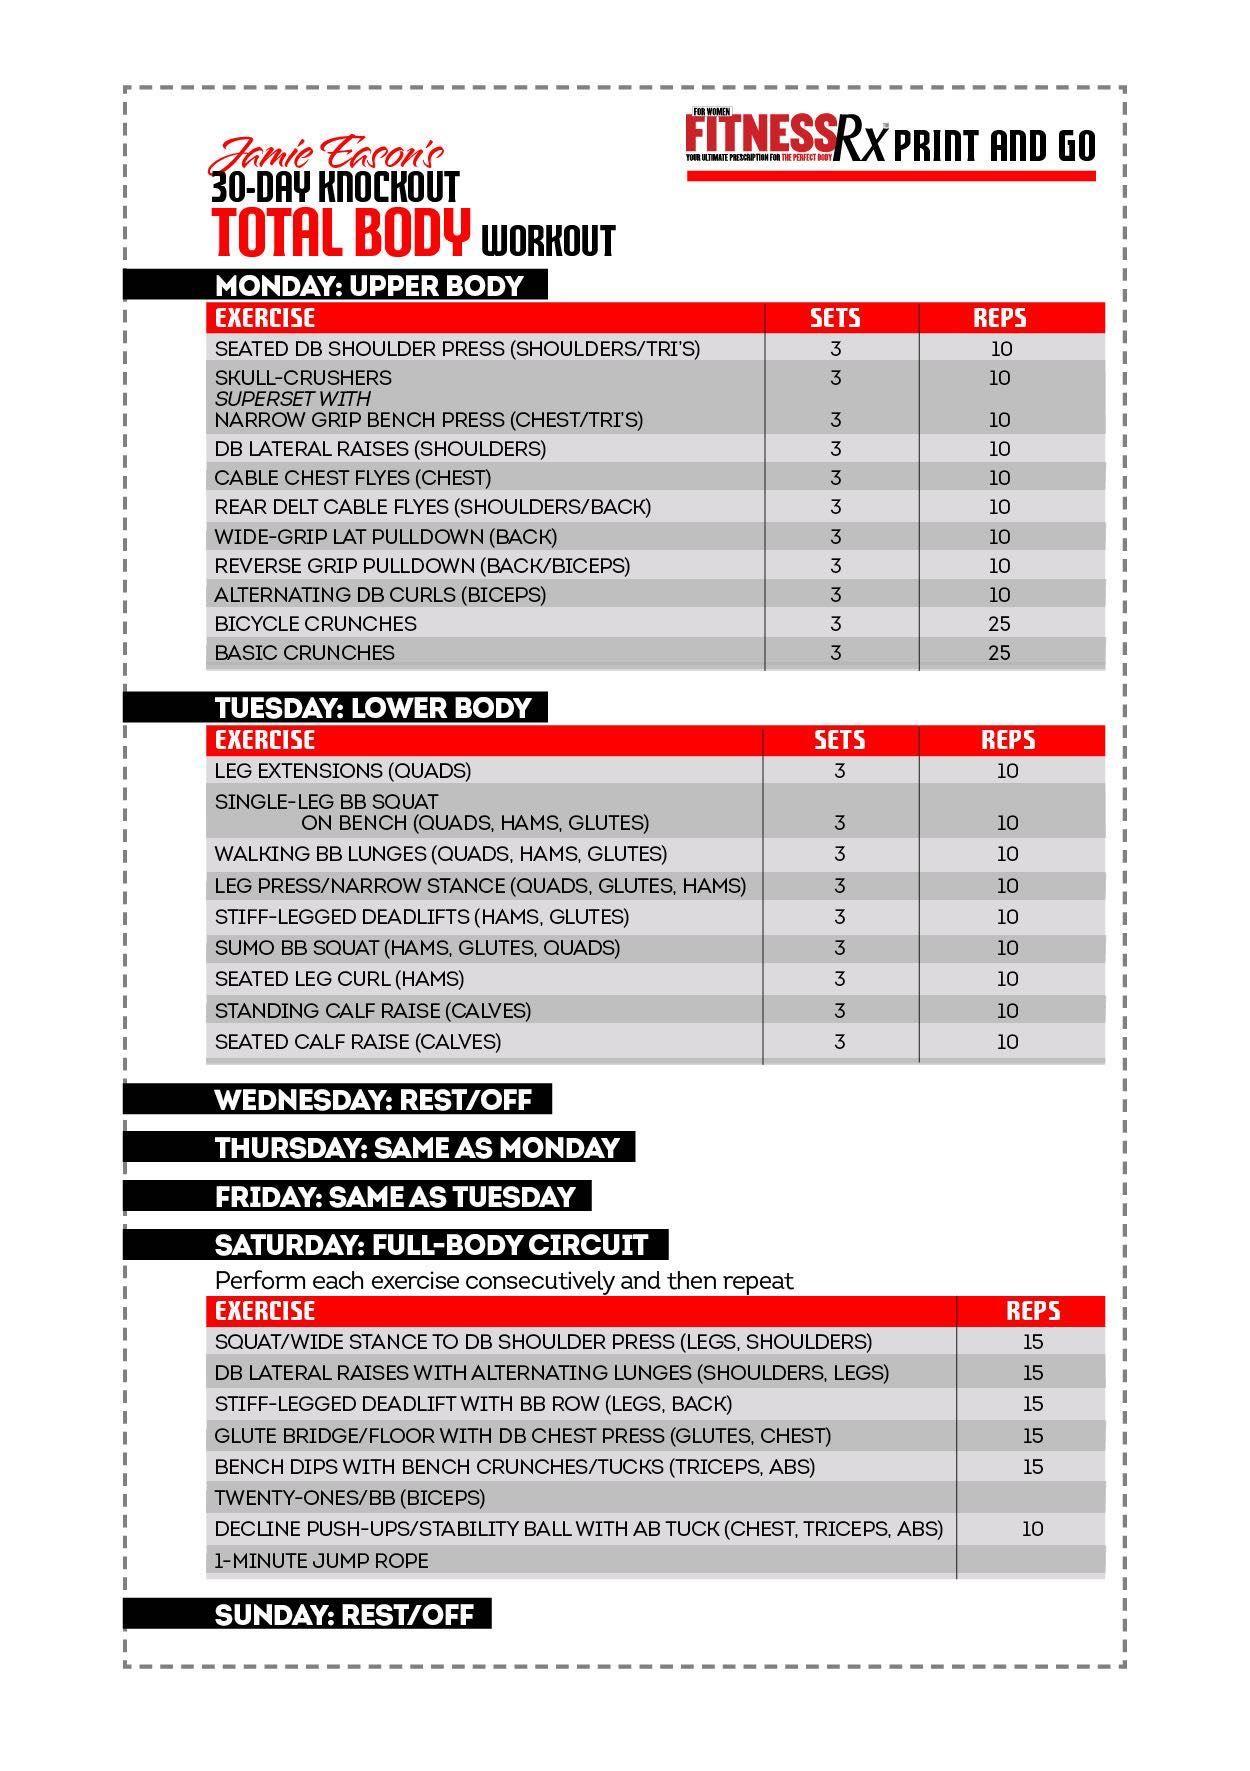 barrie go full schedule pdf